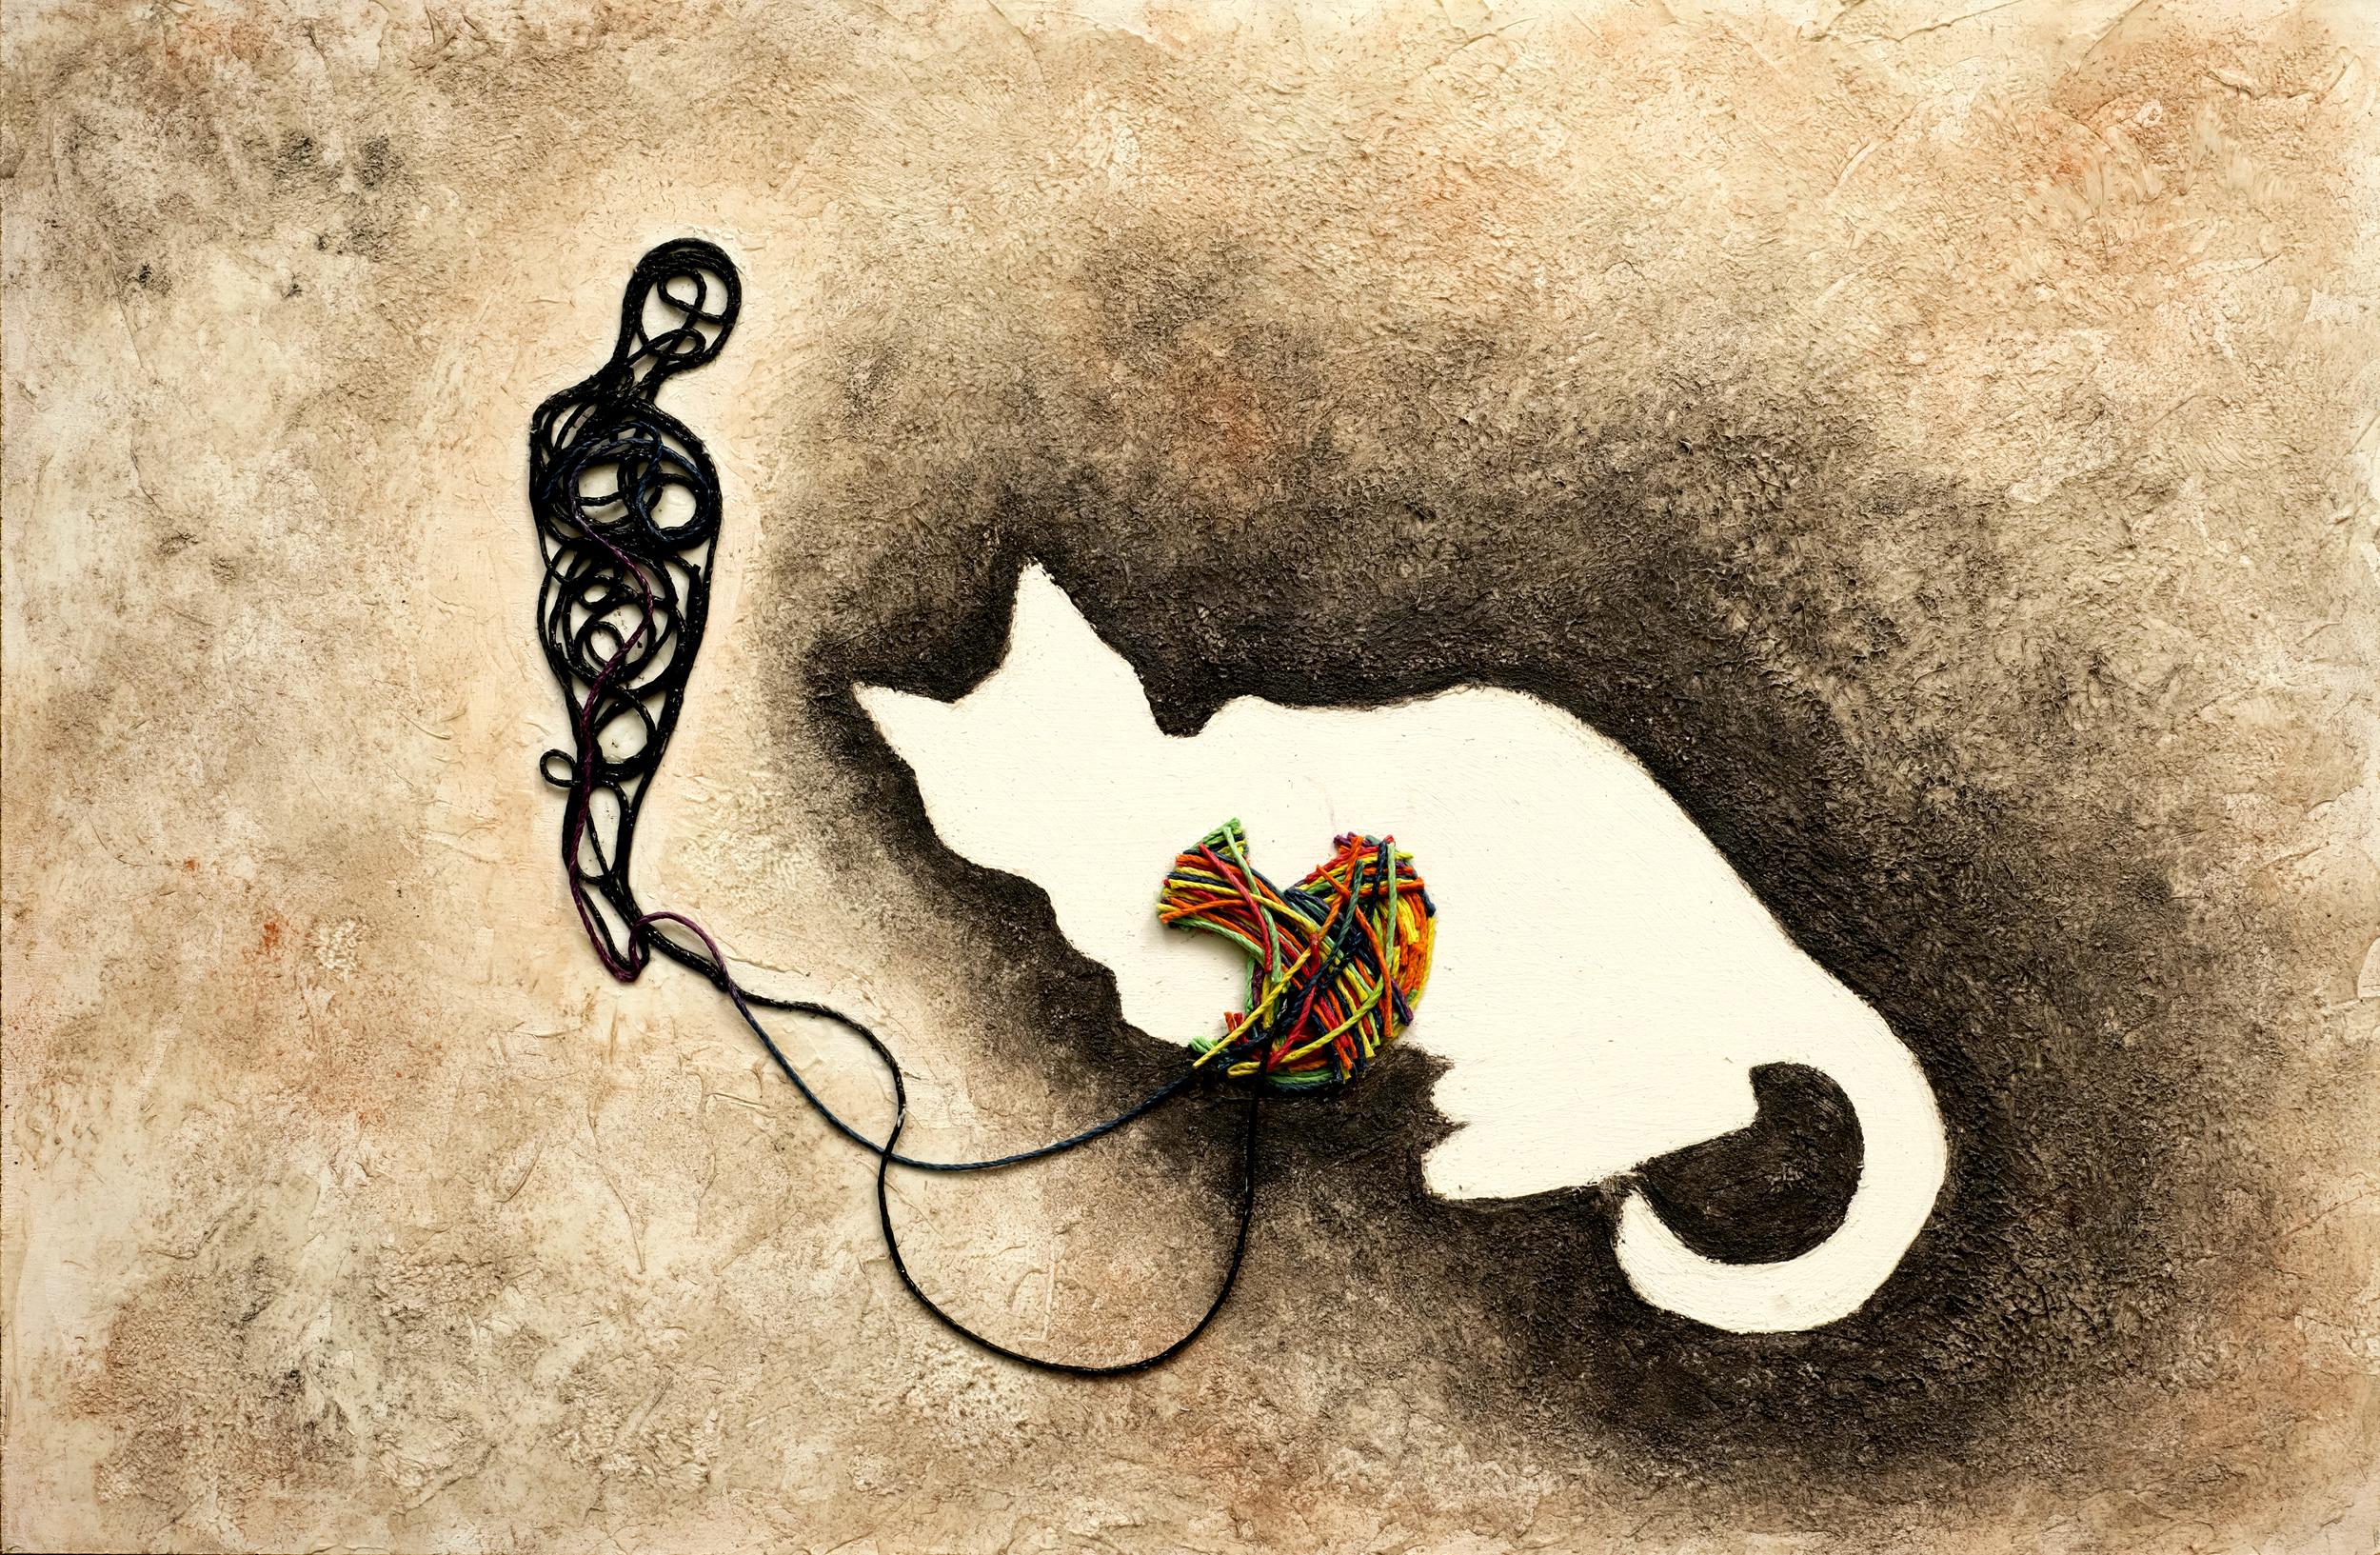 Cat-Bethelight-Editorial.jpg